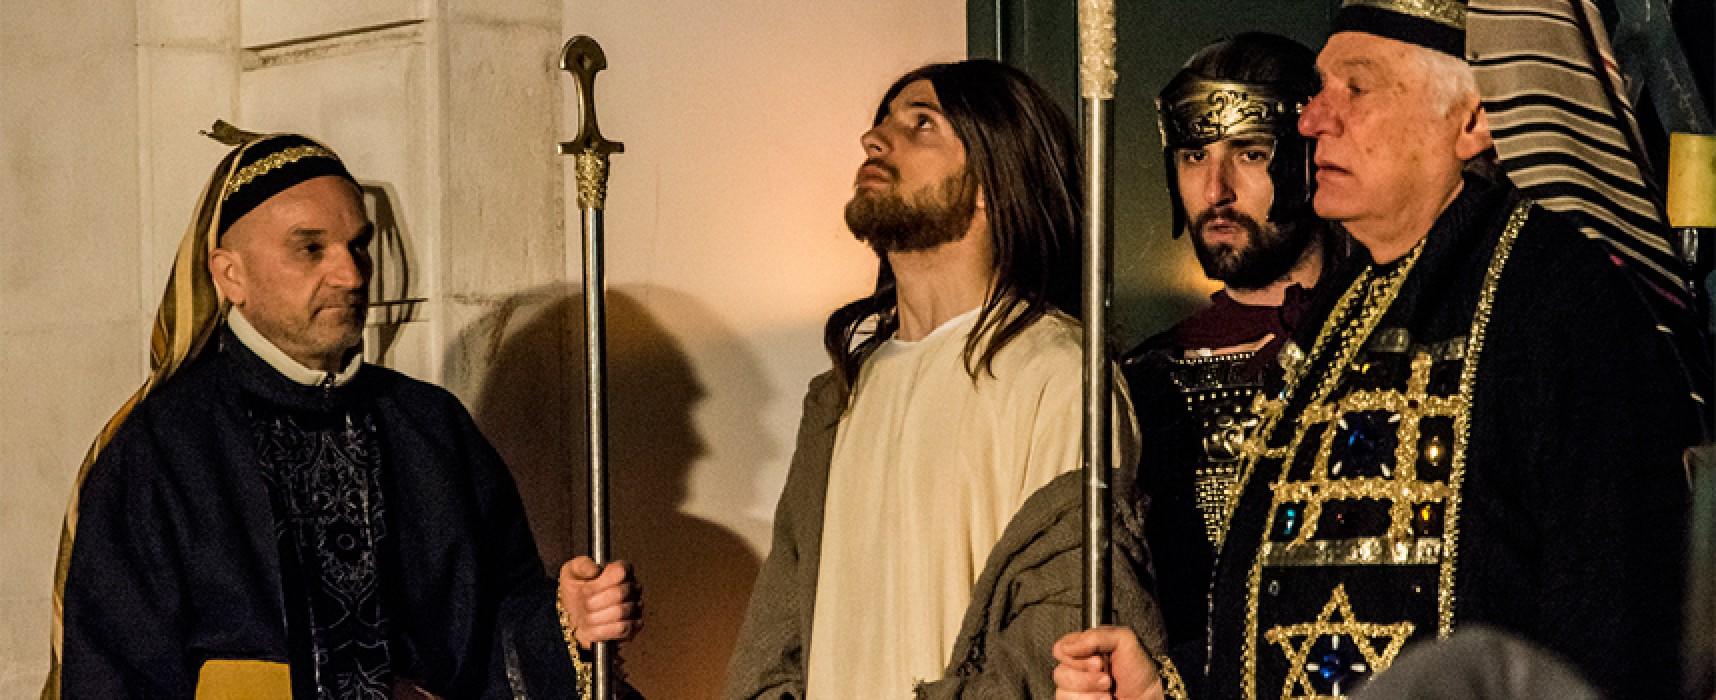 Schàra onlus cerca giovani e figuranti per la Passio Christi